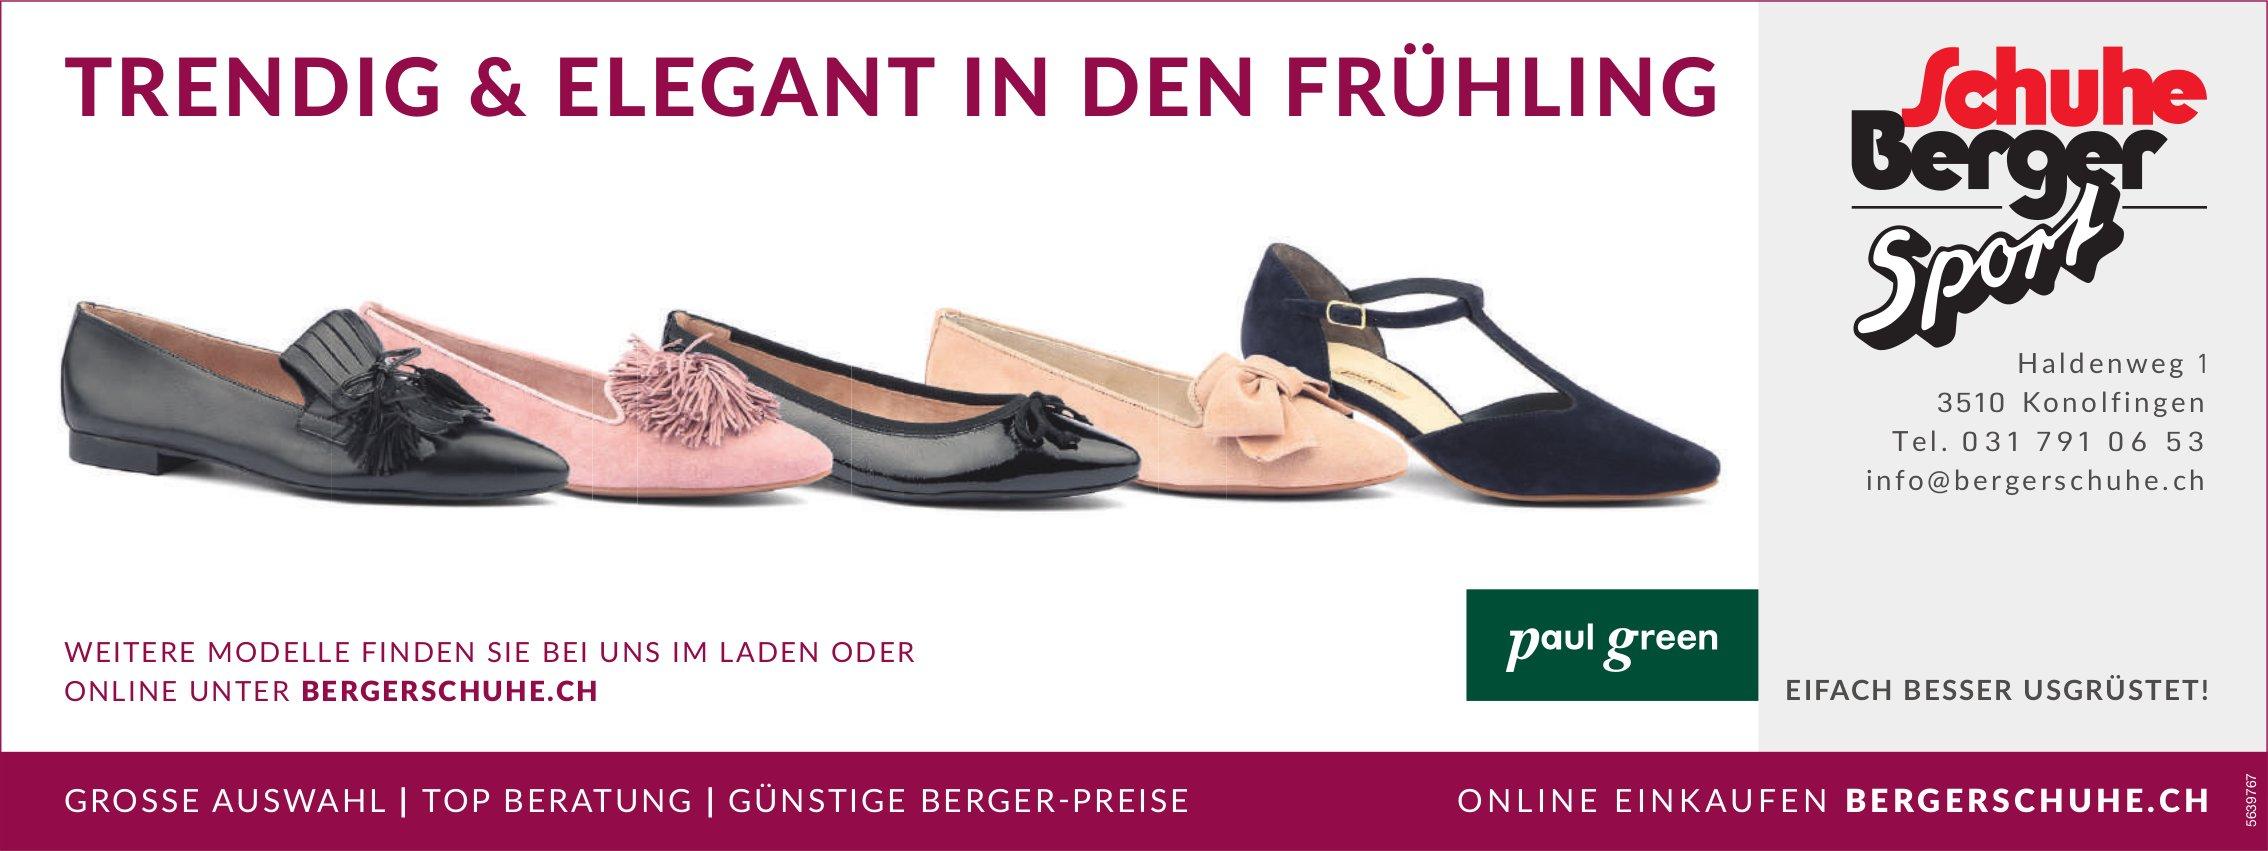 Schuhe Berger Sport,  Konolfingen - TRENDIG & ELEGANT IN DEN FRÜHLING